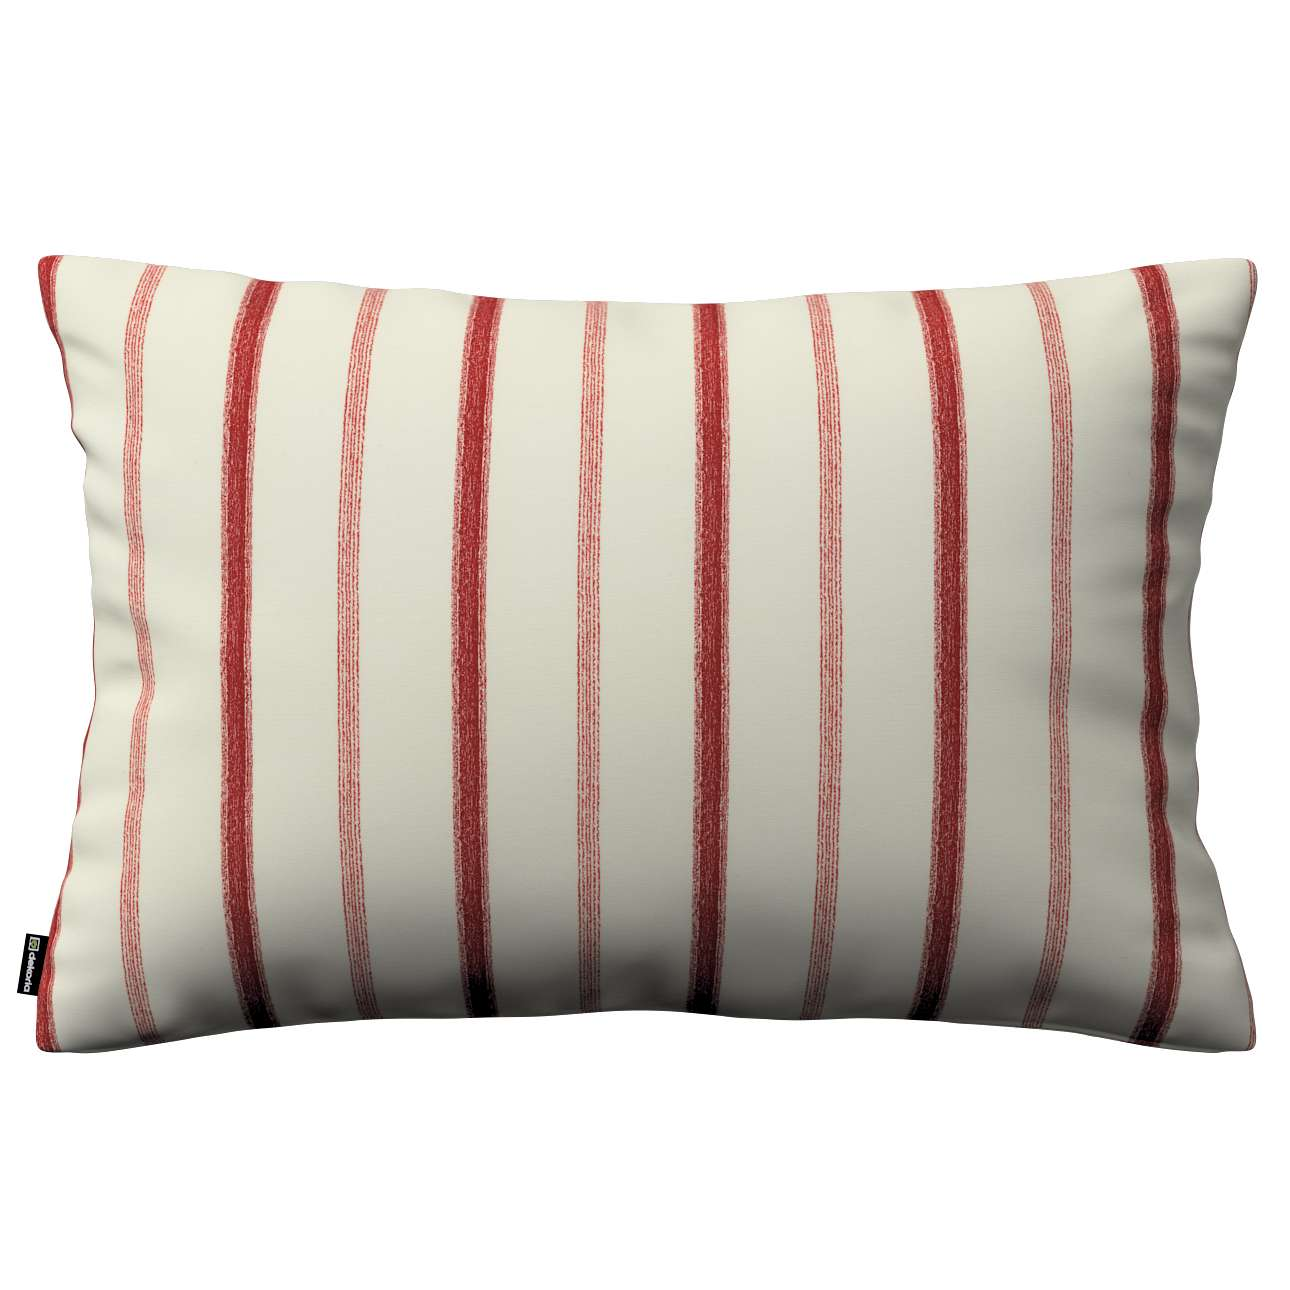 Poszewka Kinga na poduszkę prostokątną w kolekcji Avinon, tkanina: 129-15